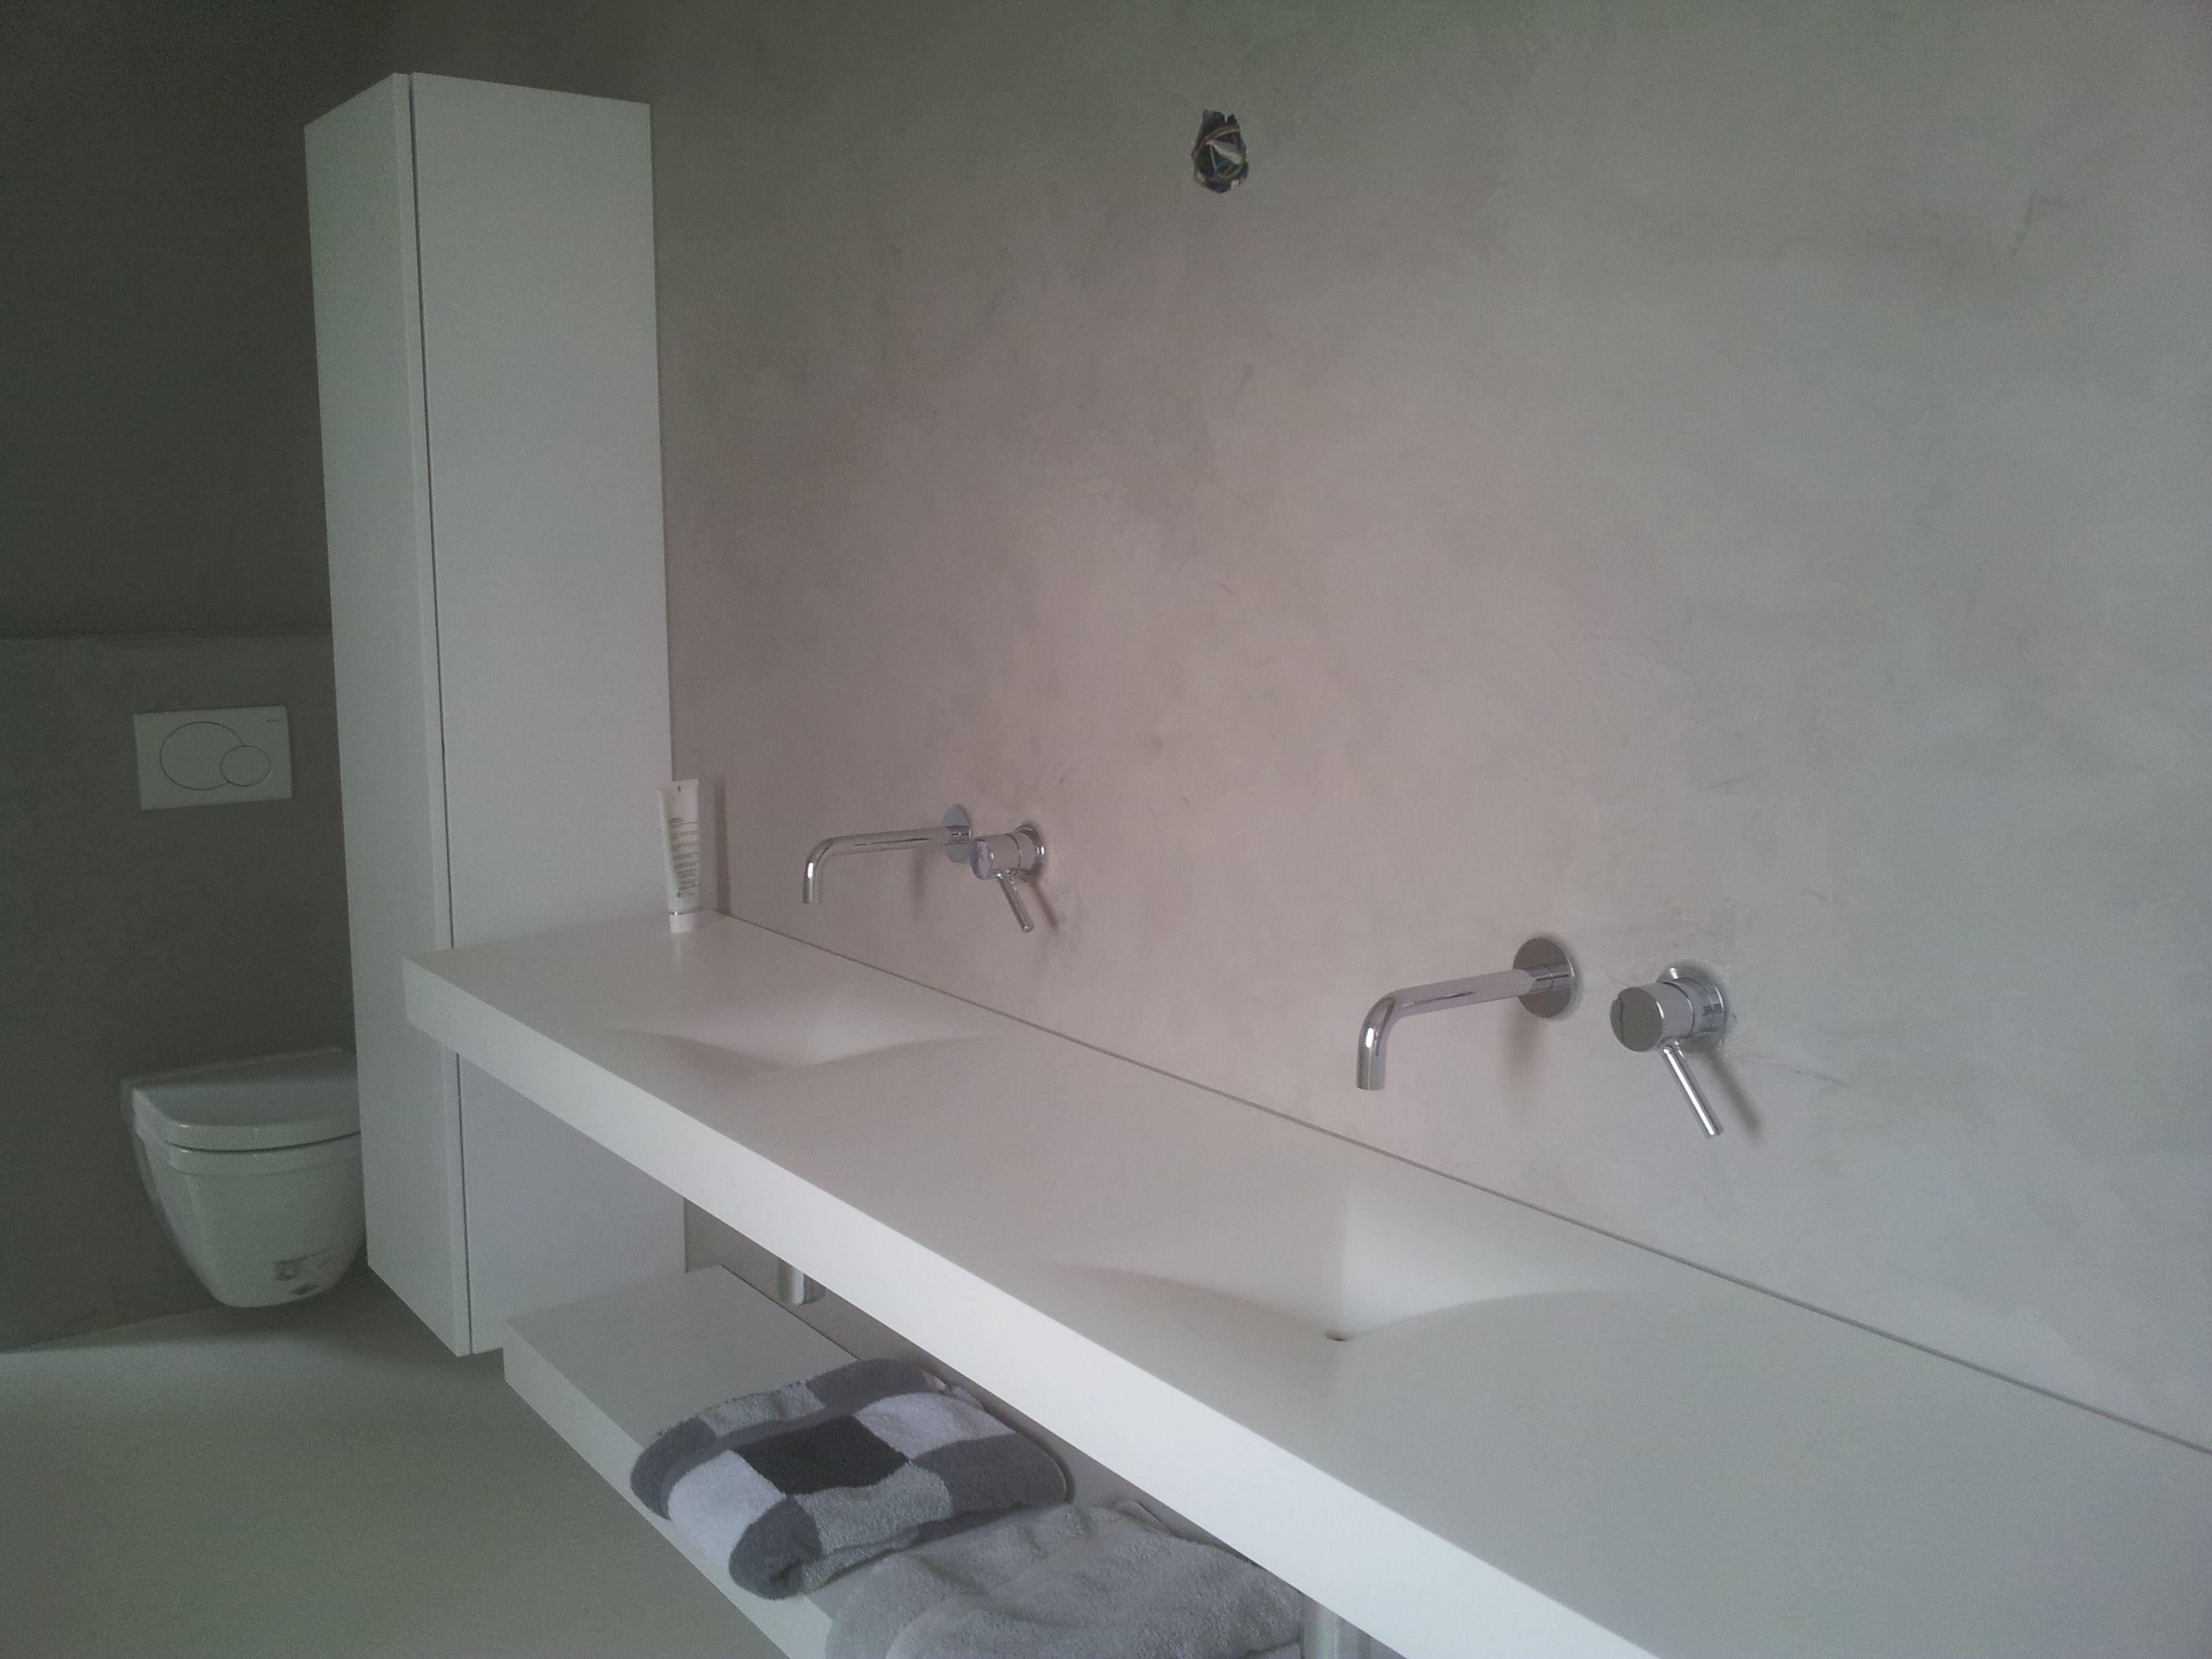 badkamer in microbeton afwerking. | designbeton | pinterest, Badkamer